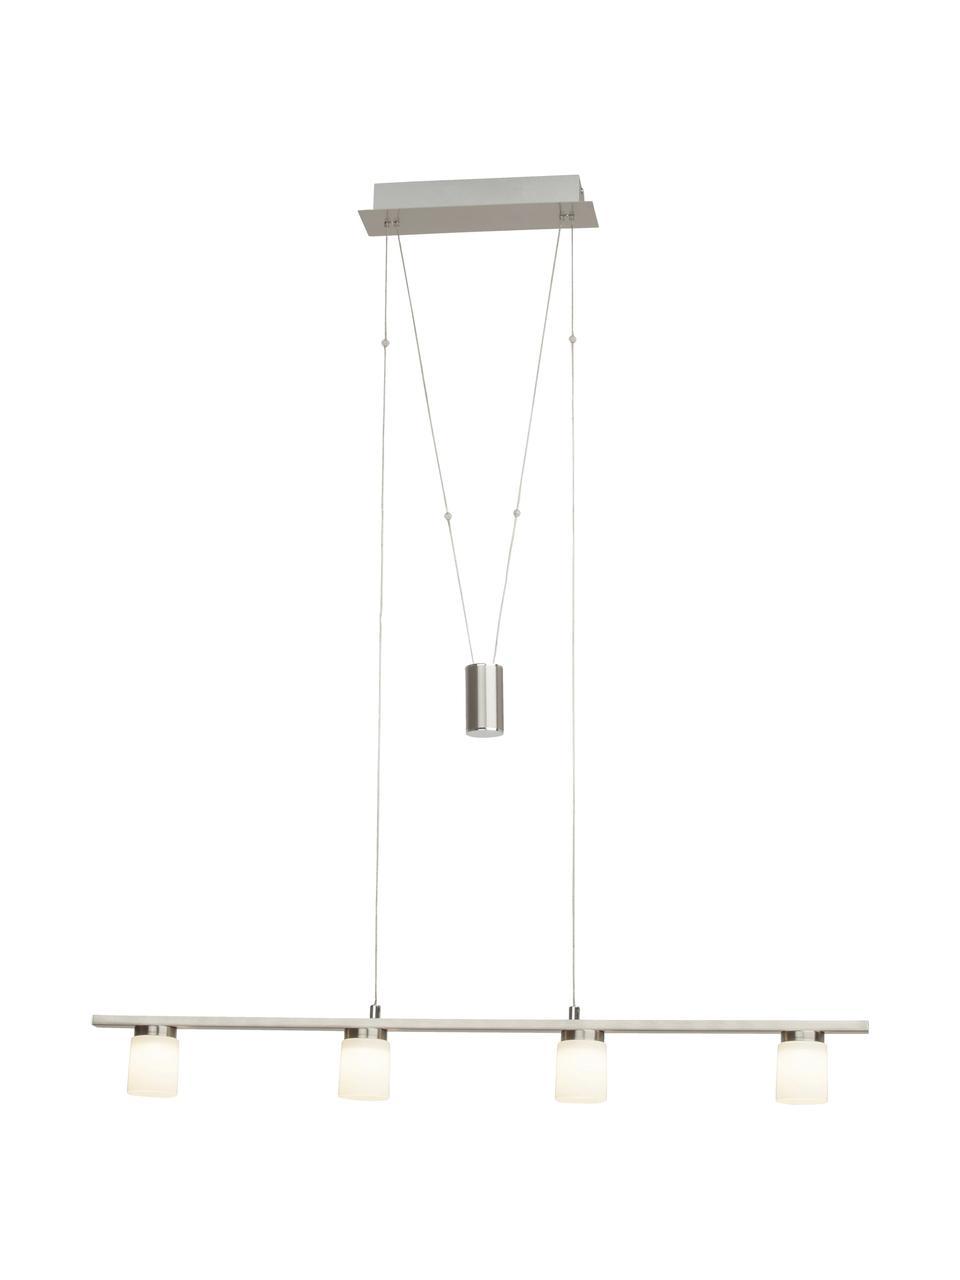 Duża lampa  wisząca LED ze szkła  Betsy, Odcienie srebrnego, biały, S 90 x W 90 cm